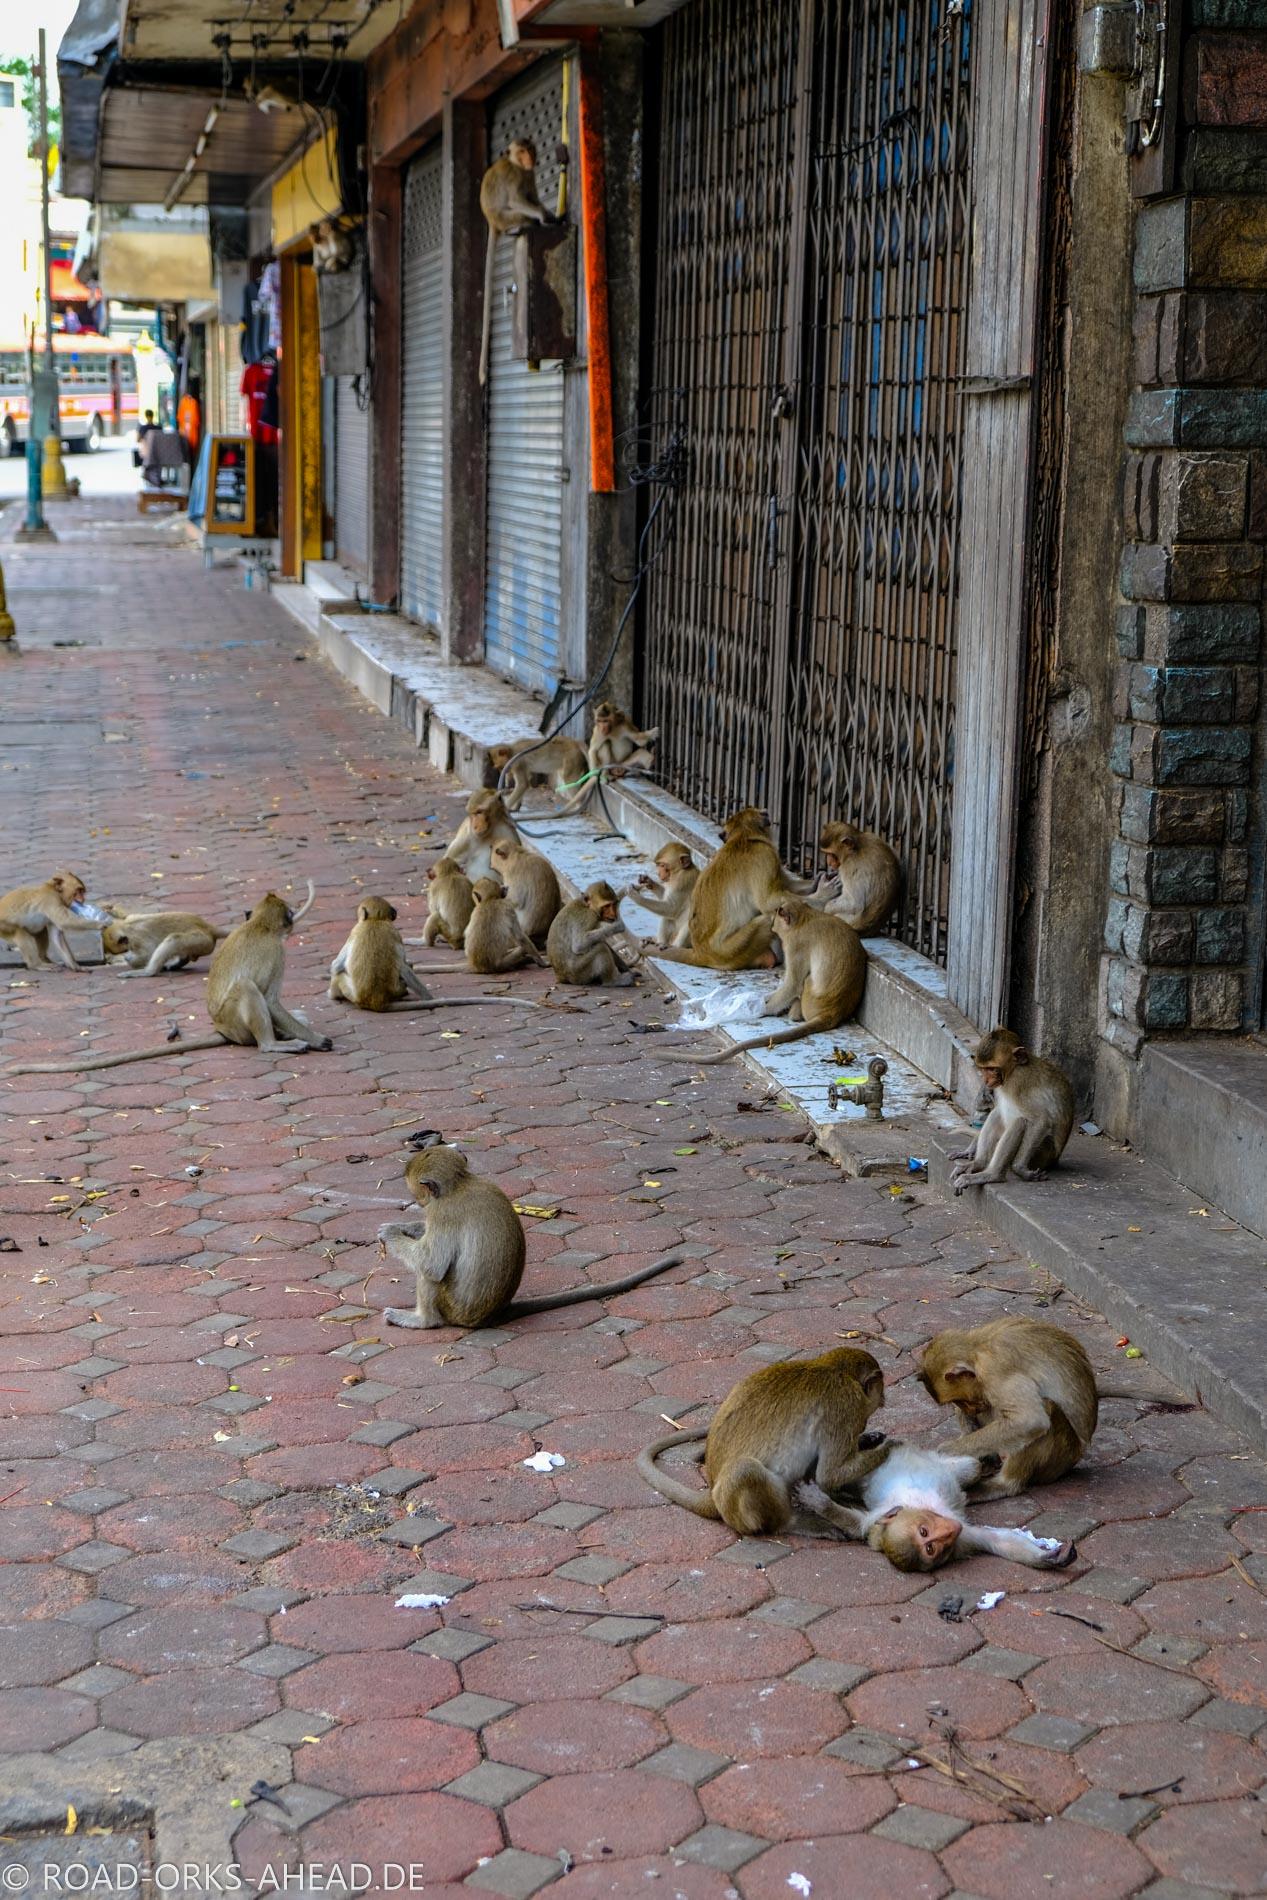 Bürgersteig fest in Affenhand